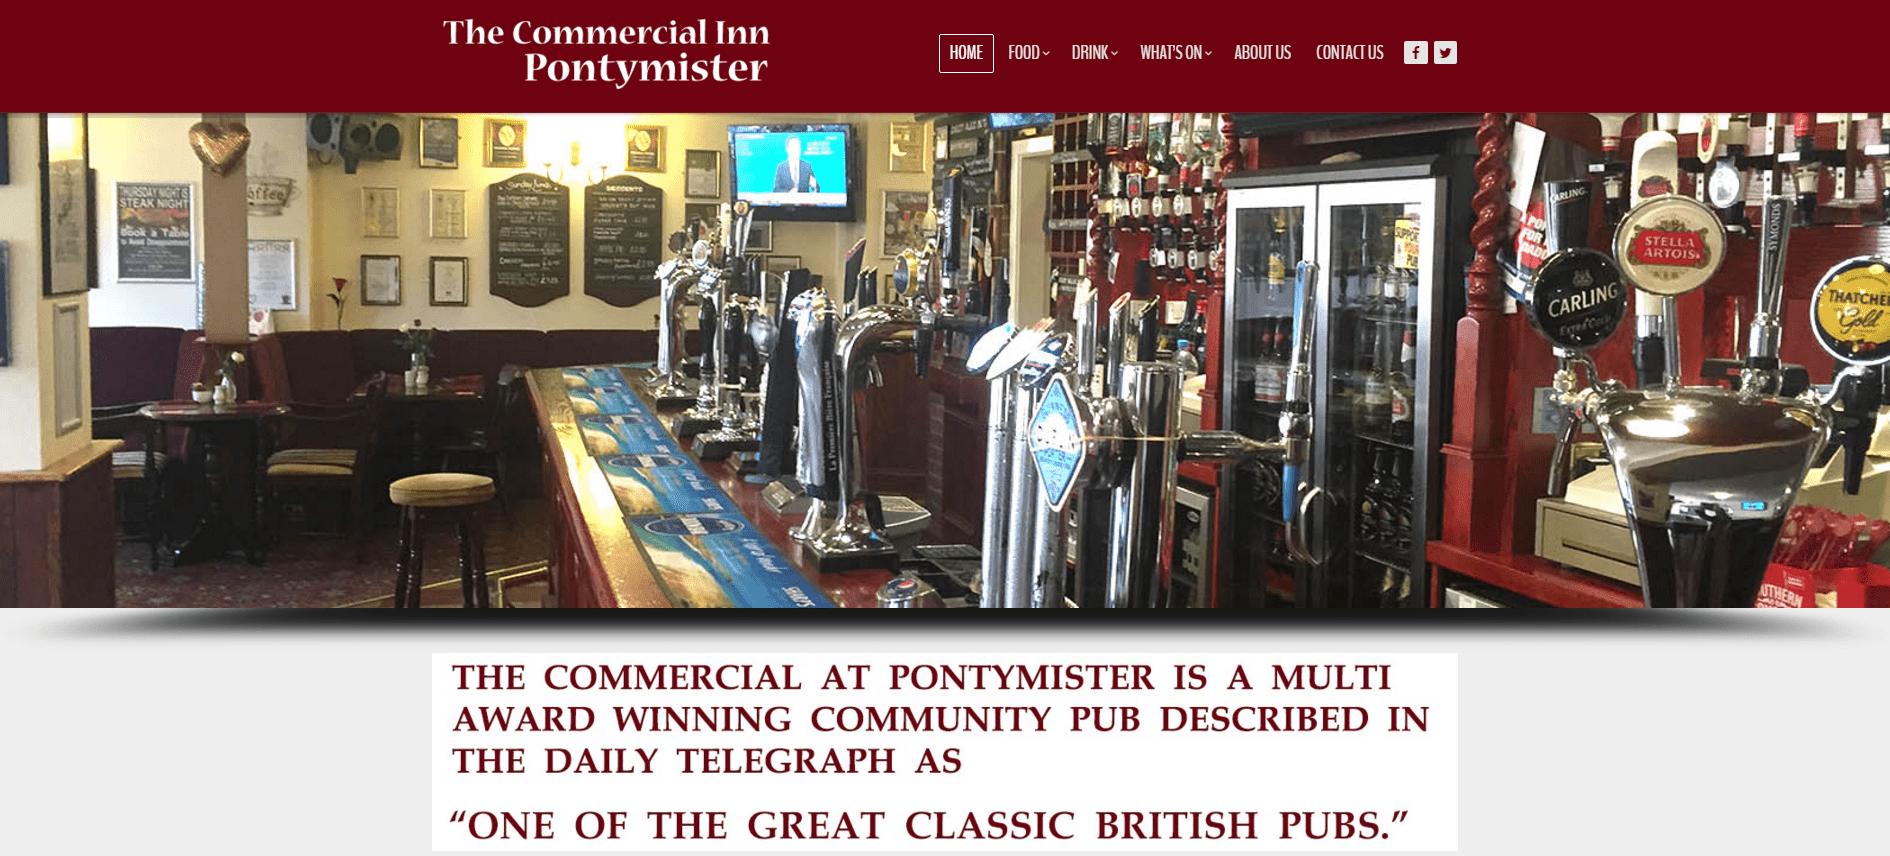 The Commercial Inn – Pontymister